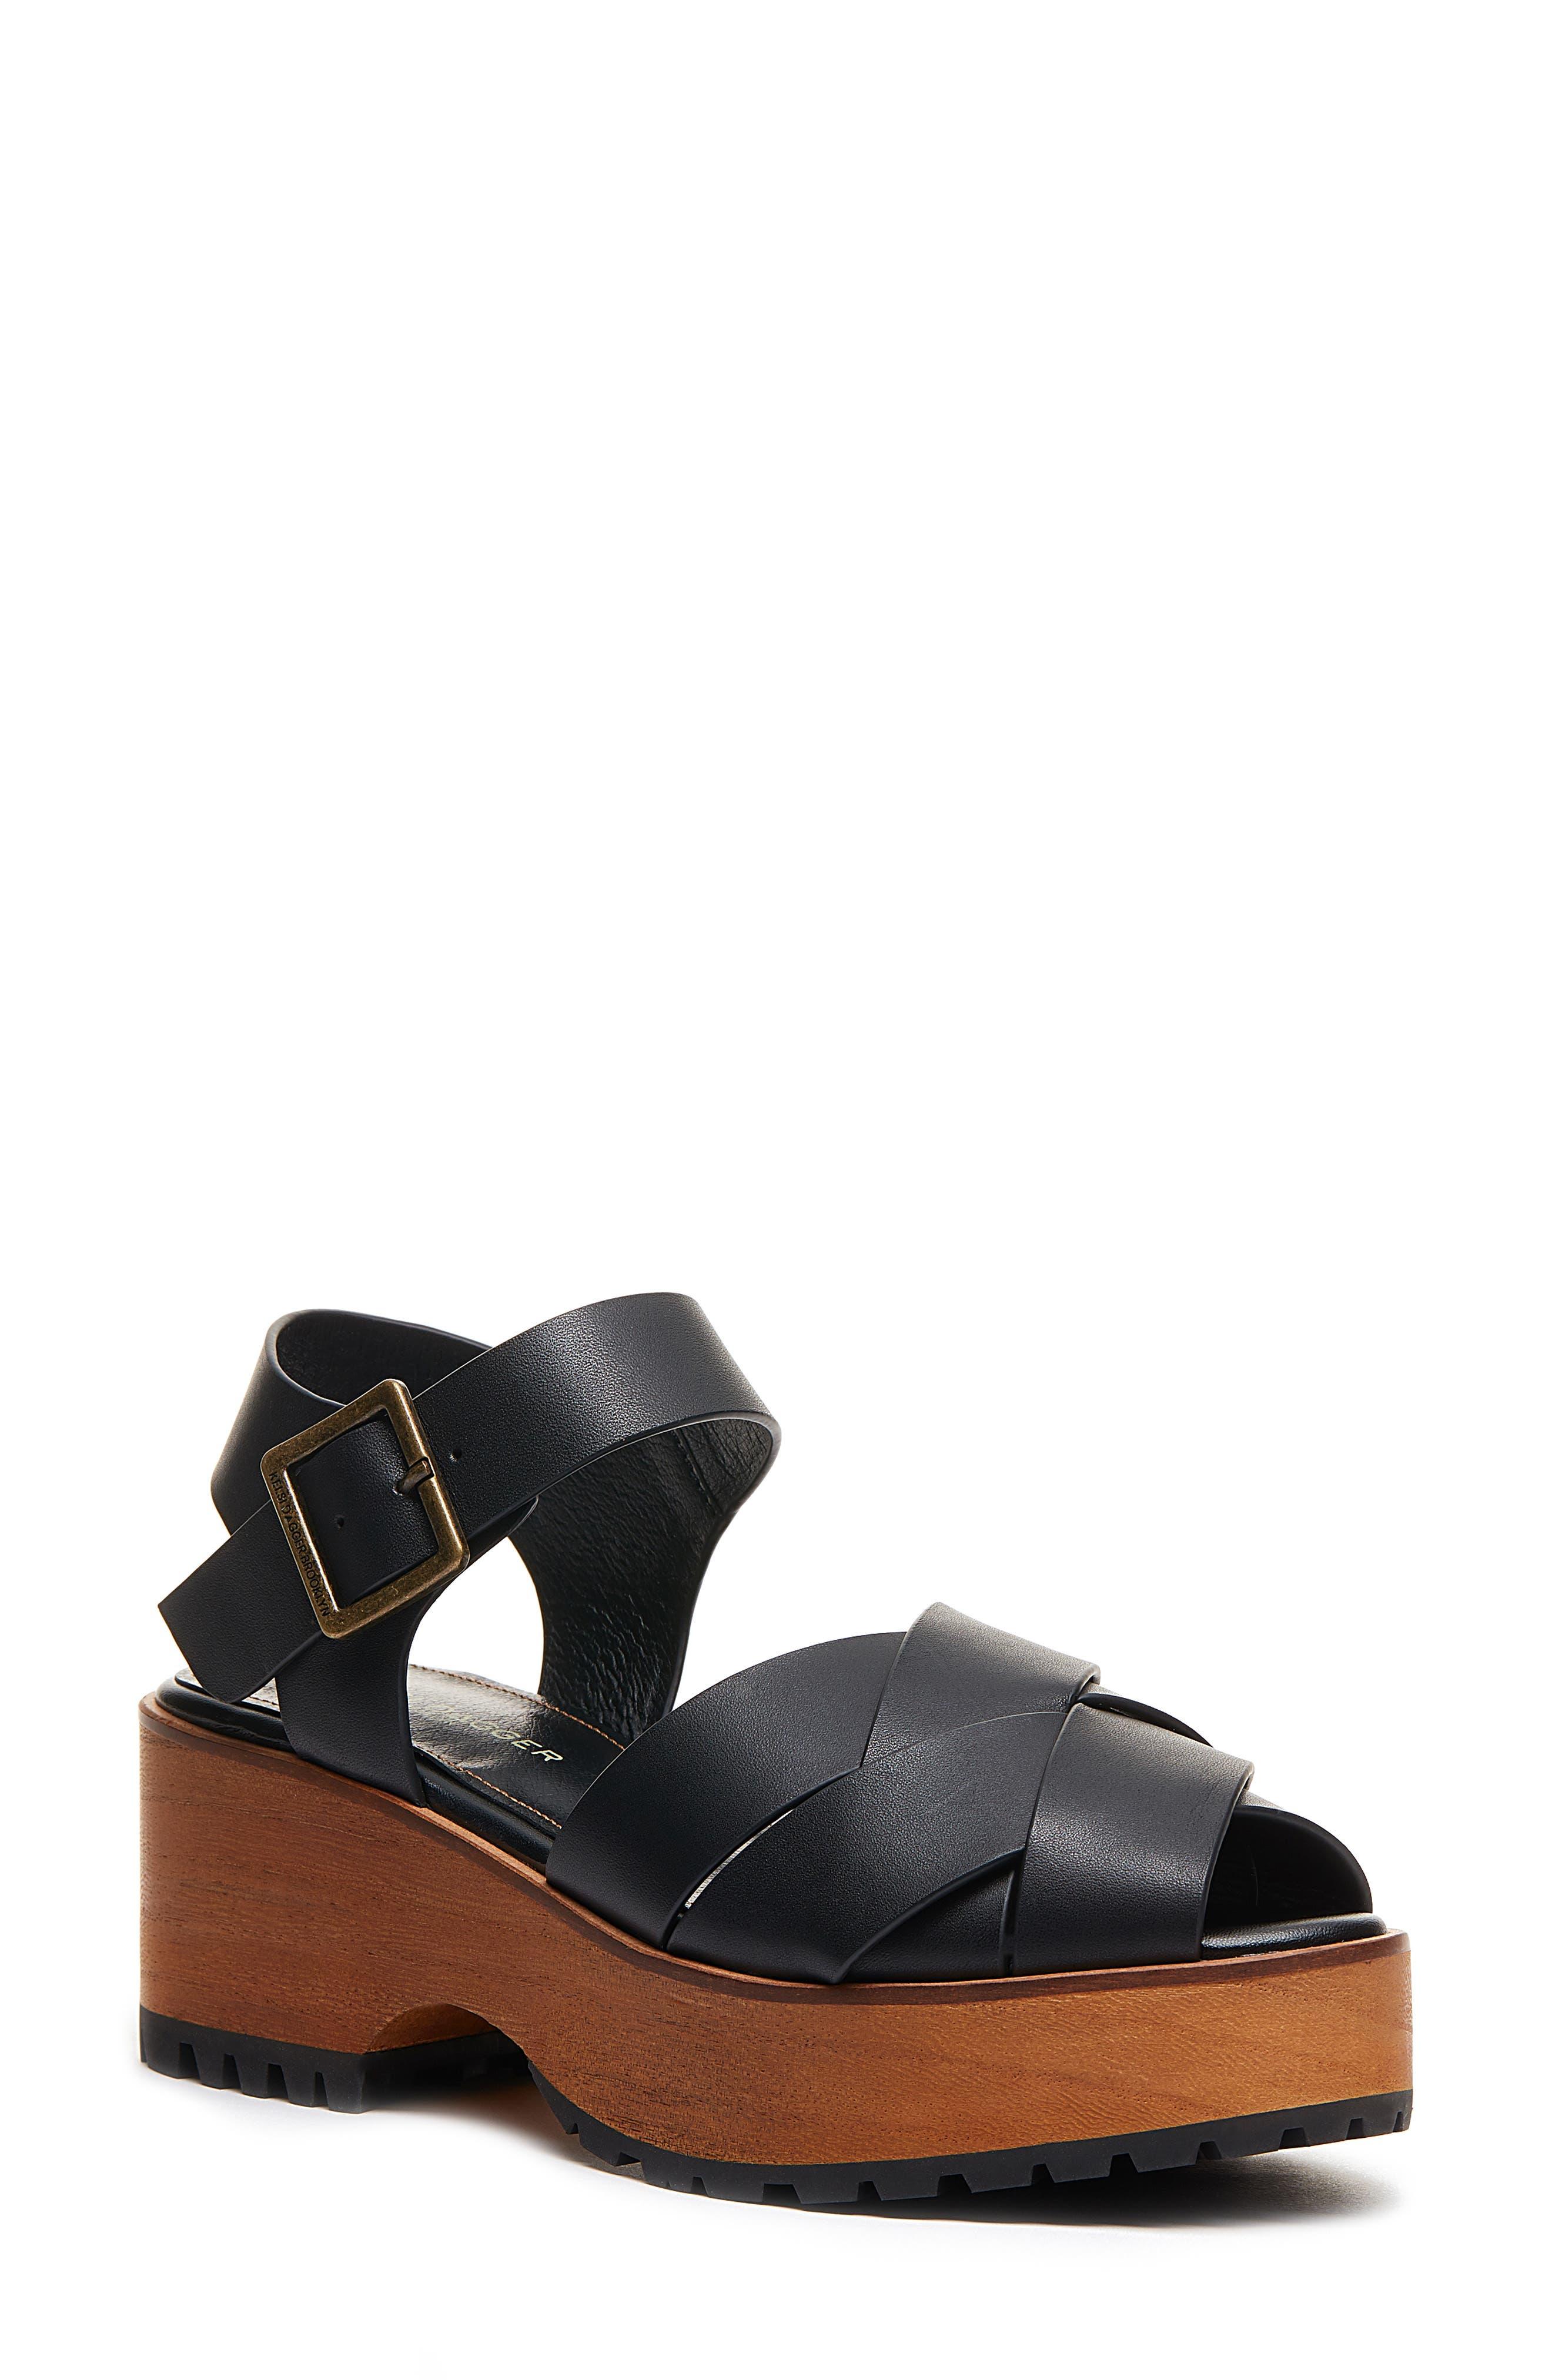 Webster Platform Sandal